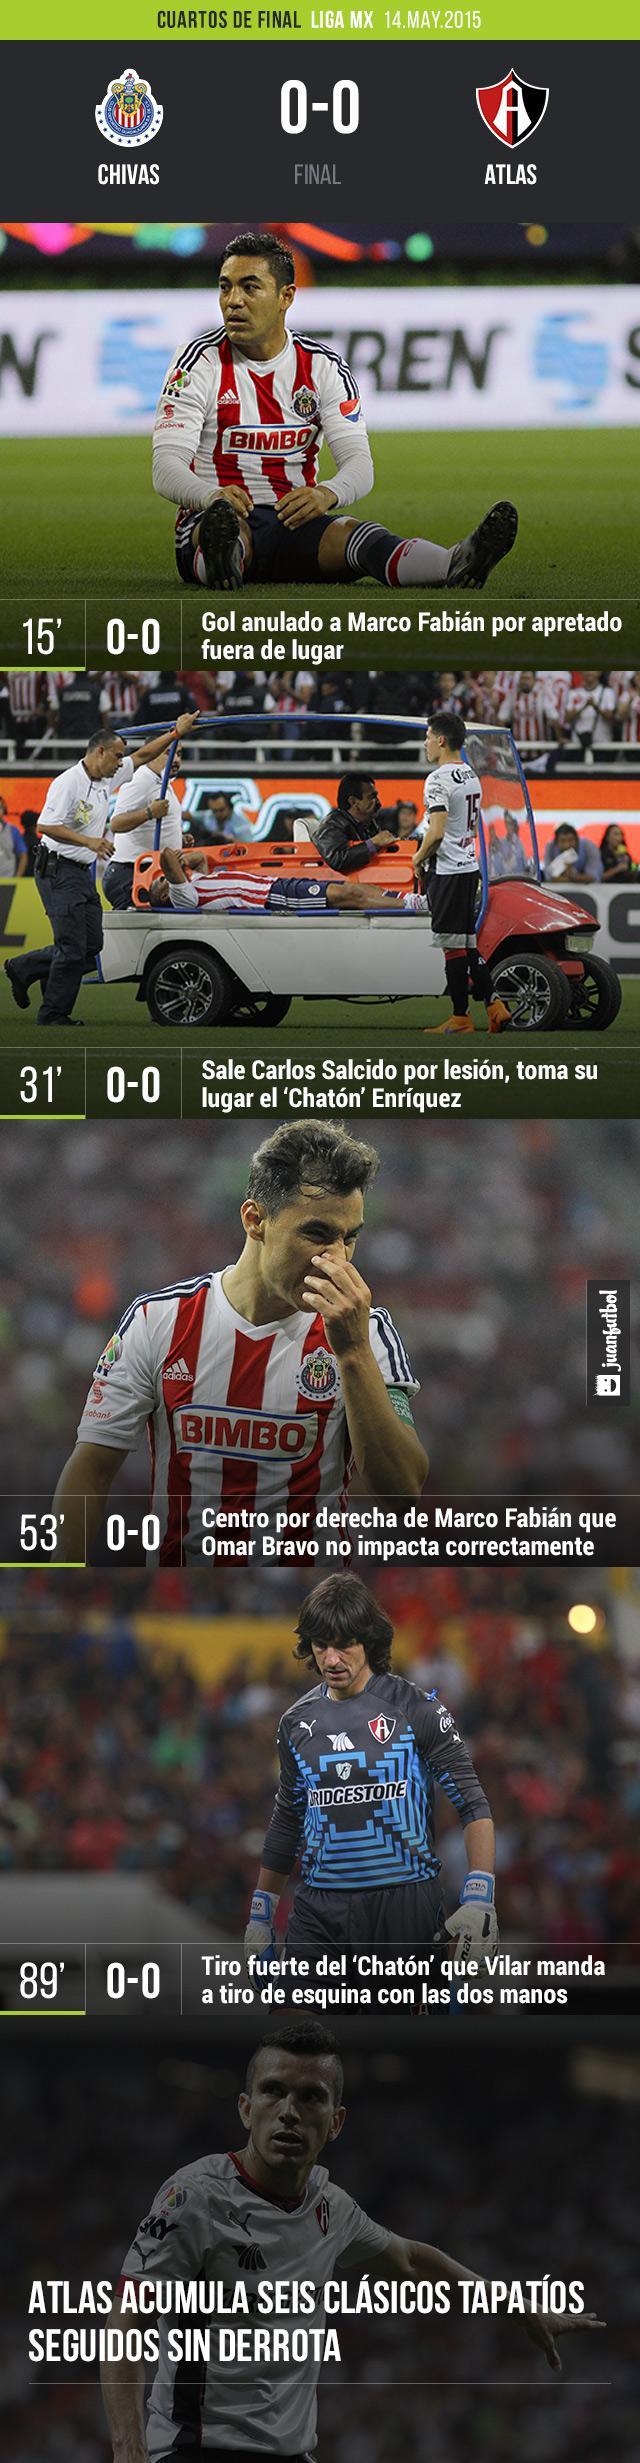 Chivas y Atlas empatan 0-0 en el partidos de ida de los cuartos de final de la Liguilla